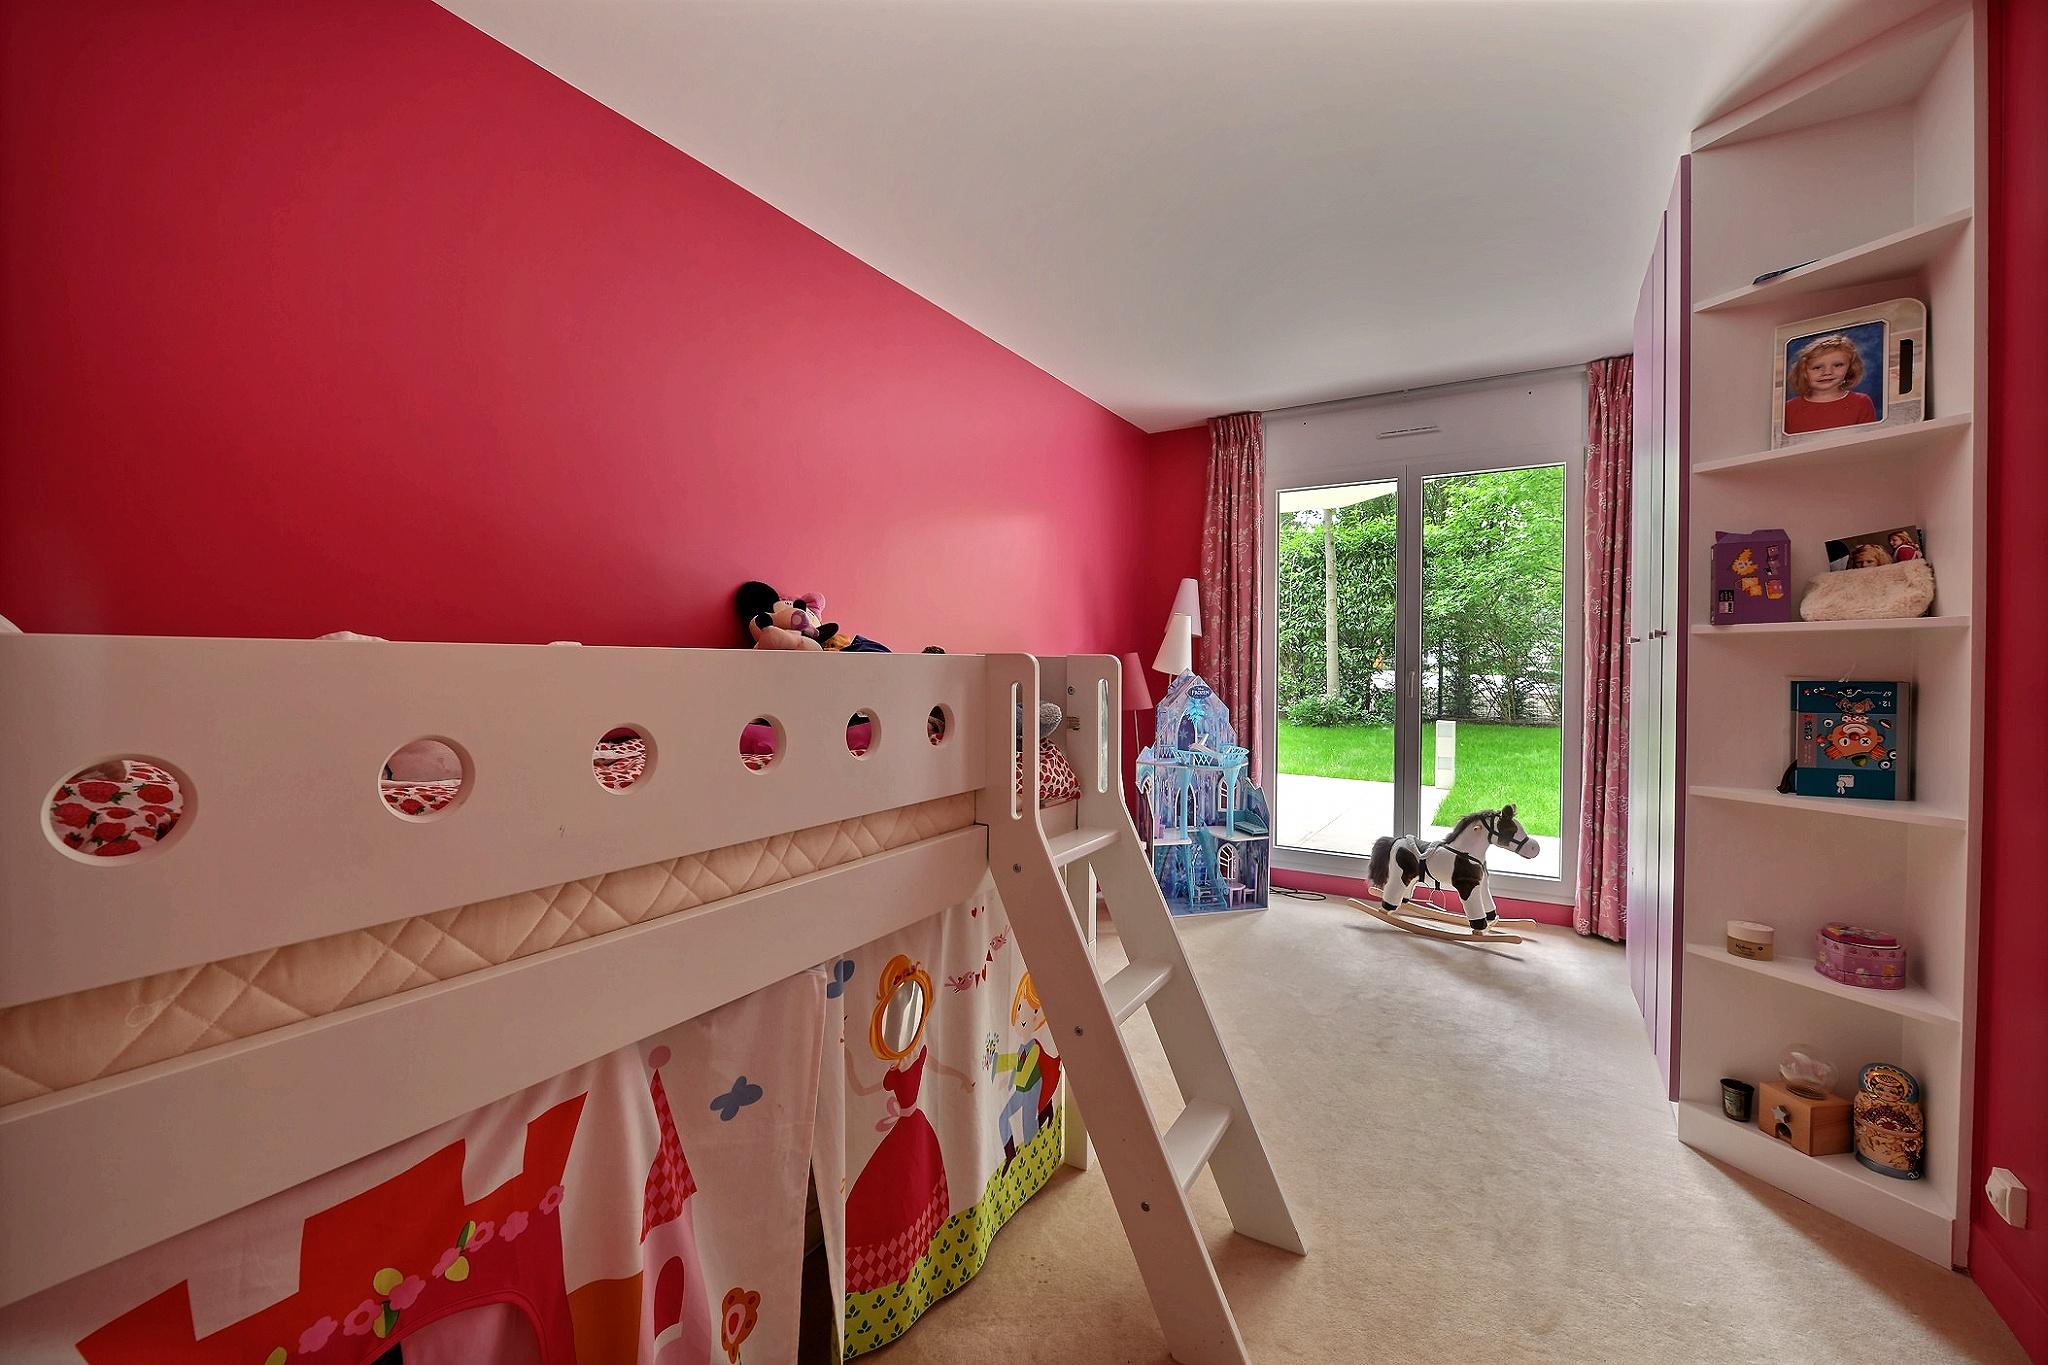 Photo immobilière à Saint Mandé